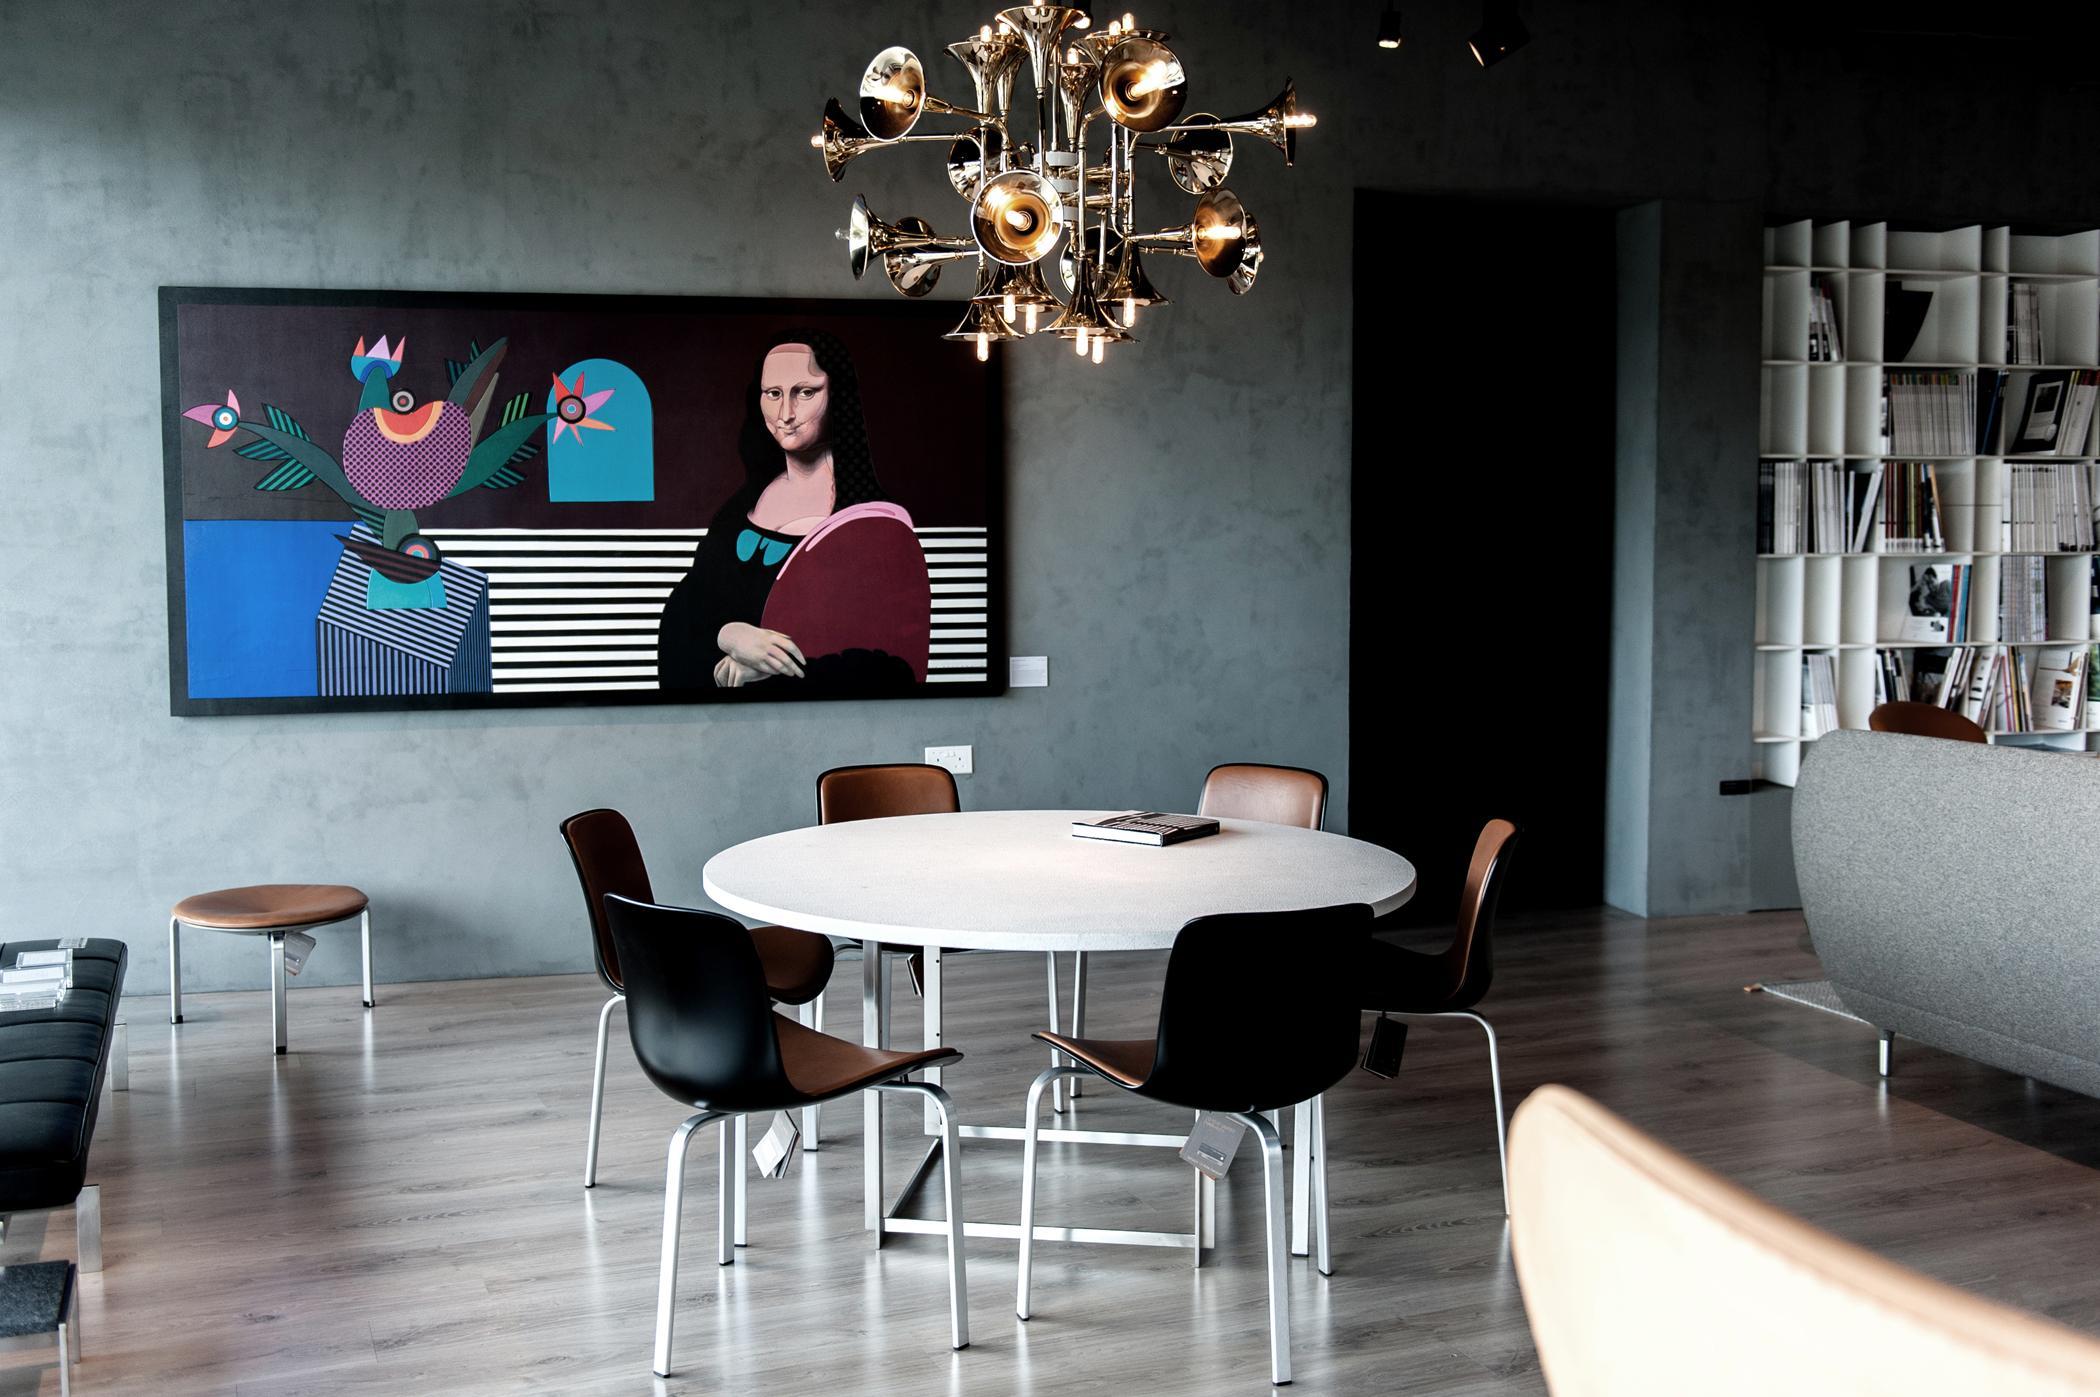 runder holztisch esszimmer, runder tisch • bilder & ideen • couch, Design ideen